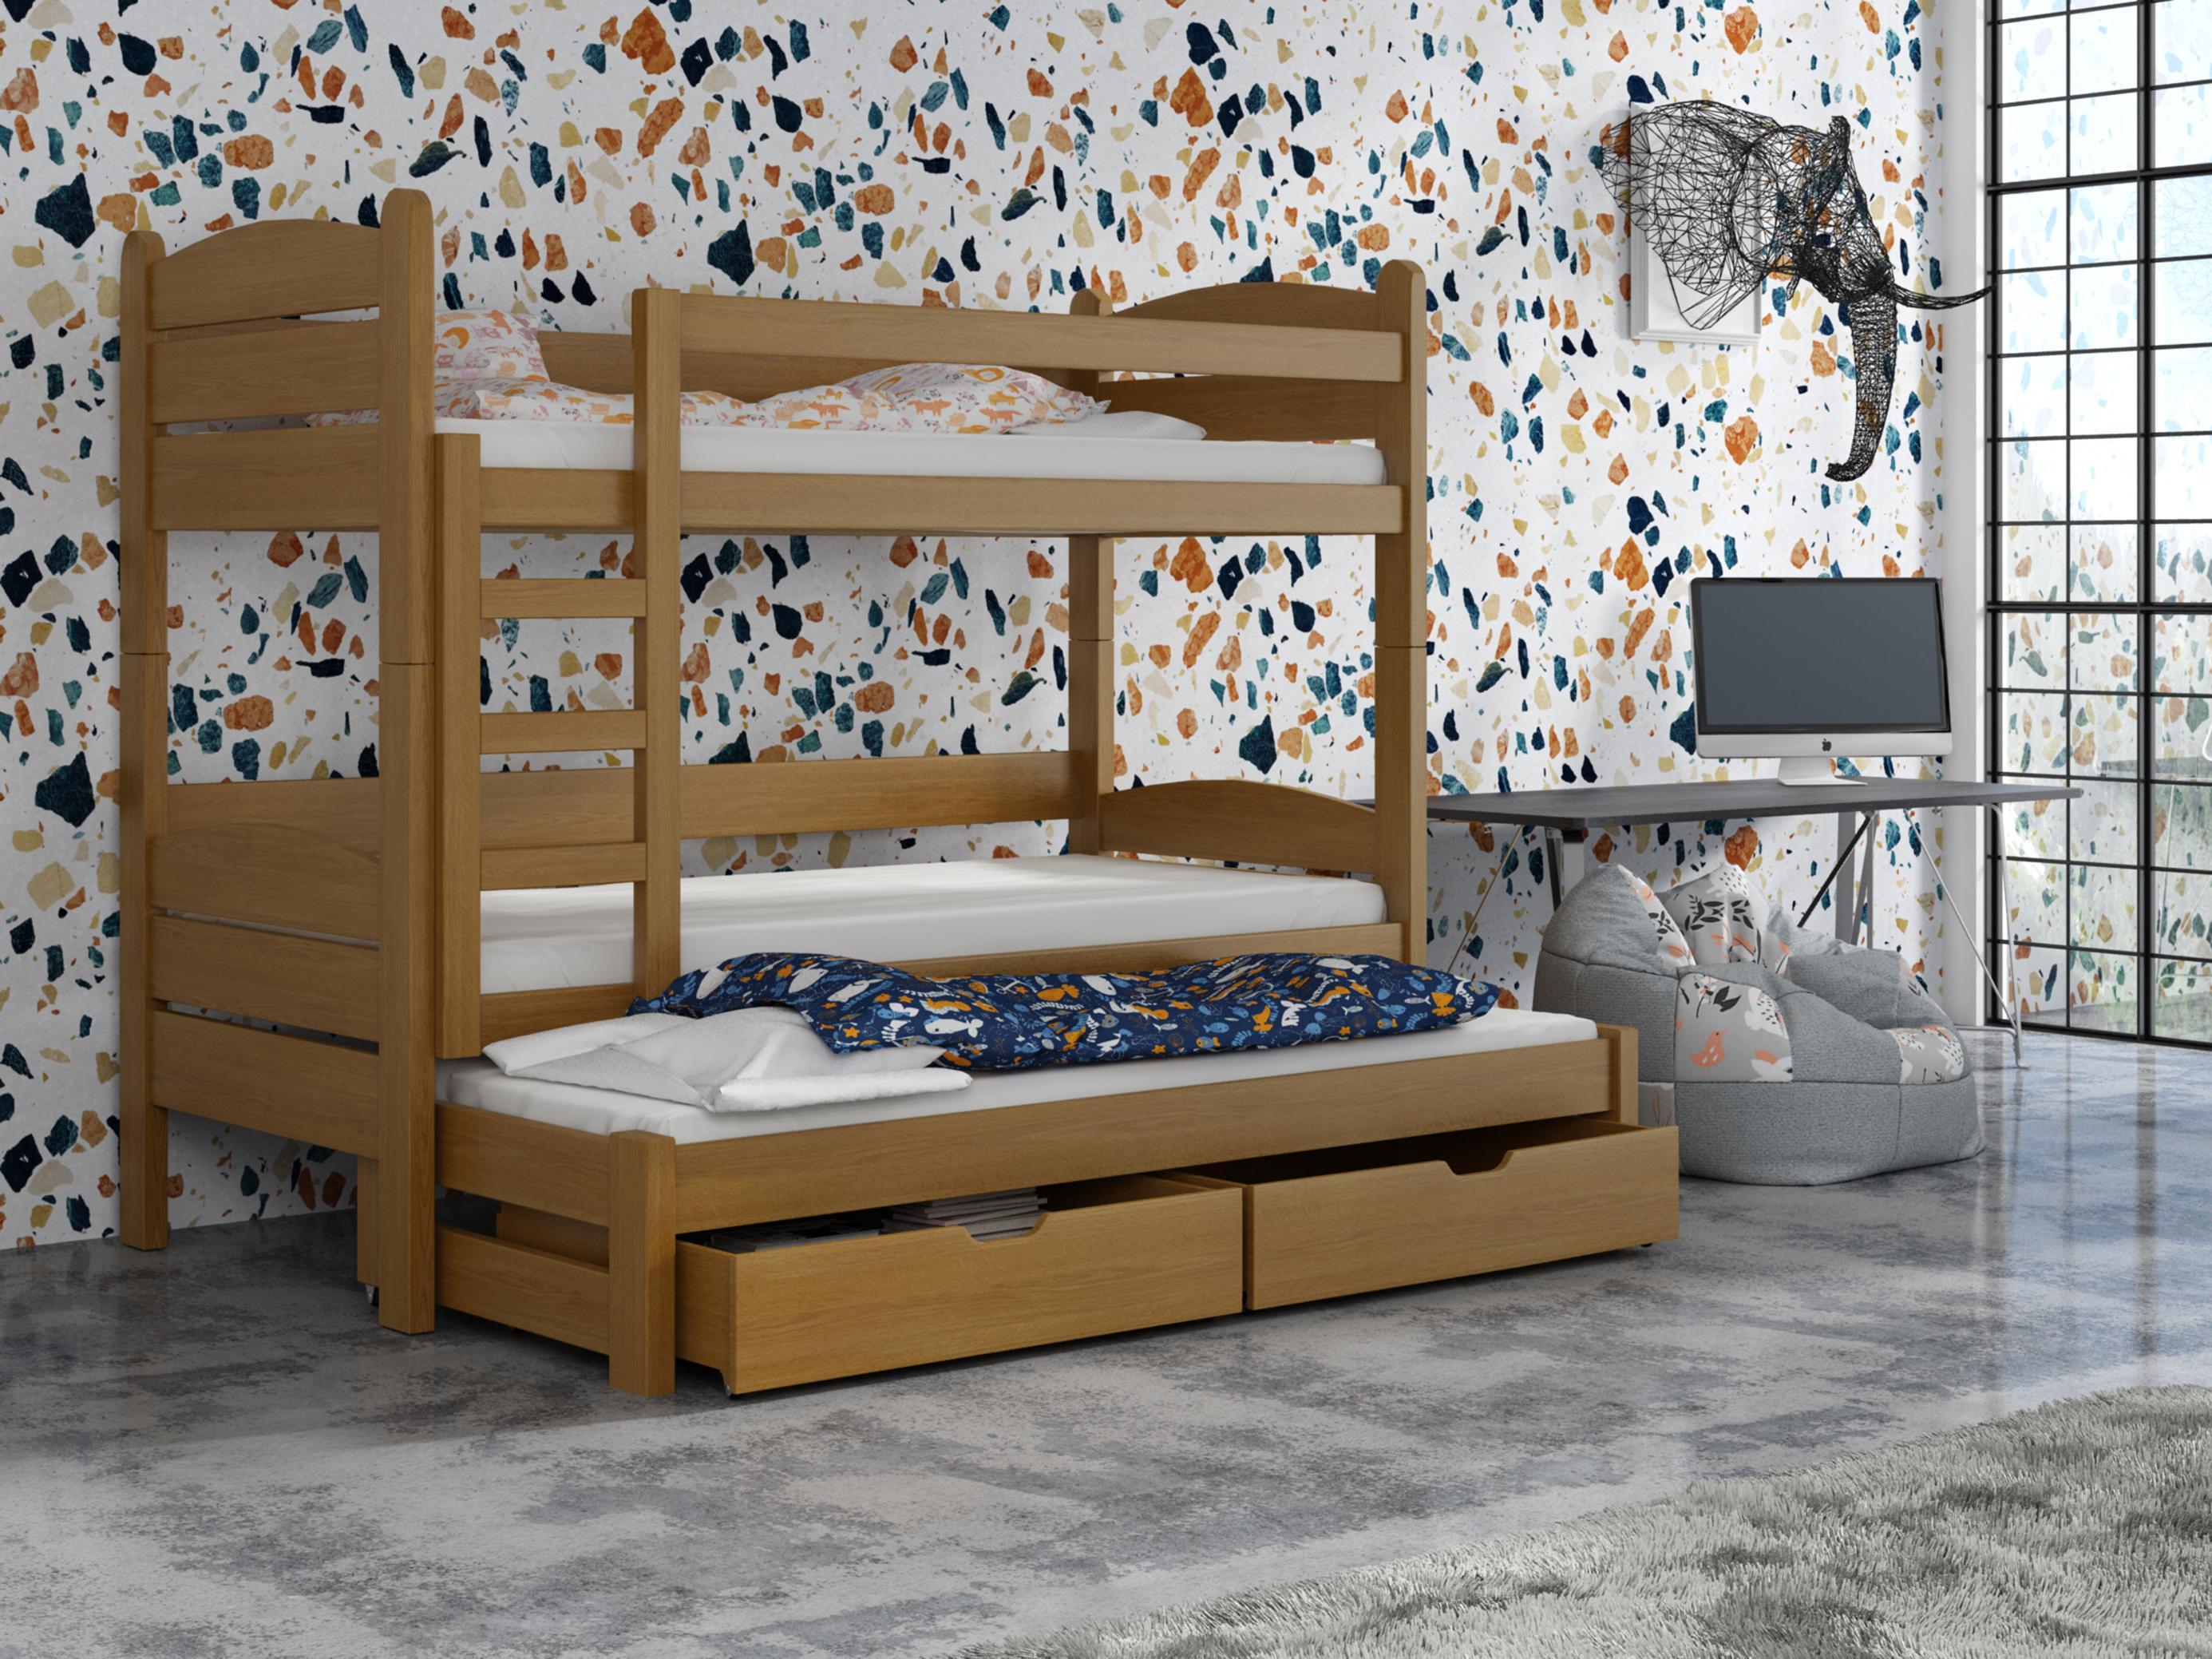 Detská poschodová posteľ 90 cm - Celsa (dub). Akcia -33%. Vlastná spoľahlivá doprava až k Vám domov.